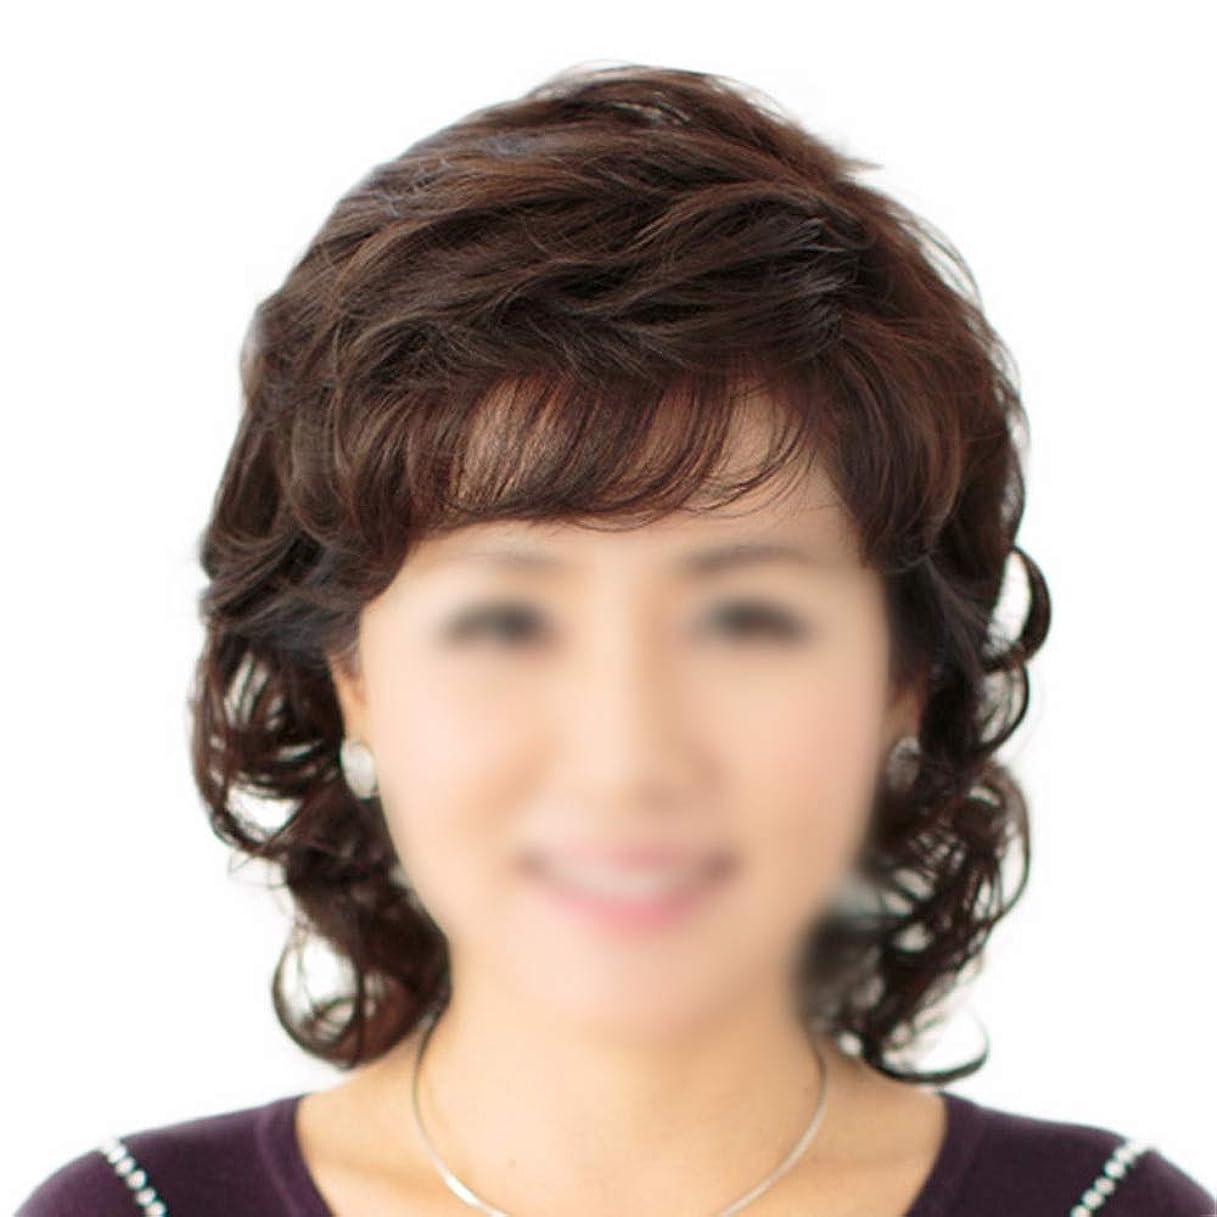 一時解雇するスリル重さBOBIDYEE 女性のための短いウェーブのかかった髪本物のヘアエクステンション母の贈り物中高年のかつらファッションかつら (色 : Dark brown, サイズ : Mechanism)